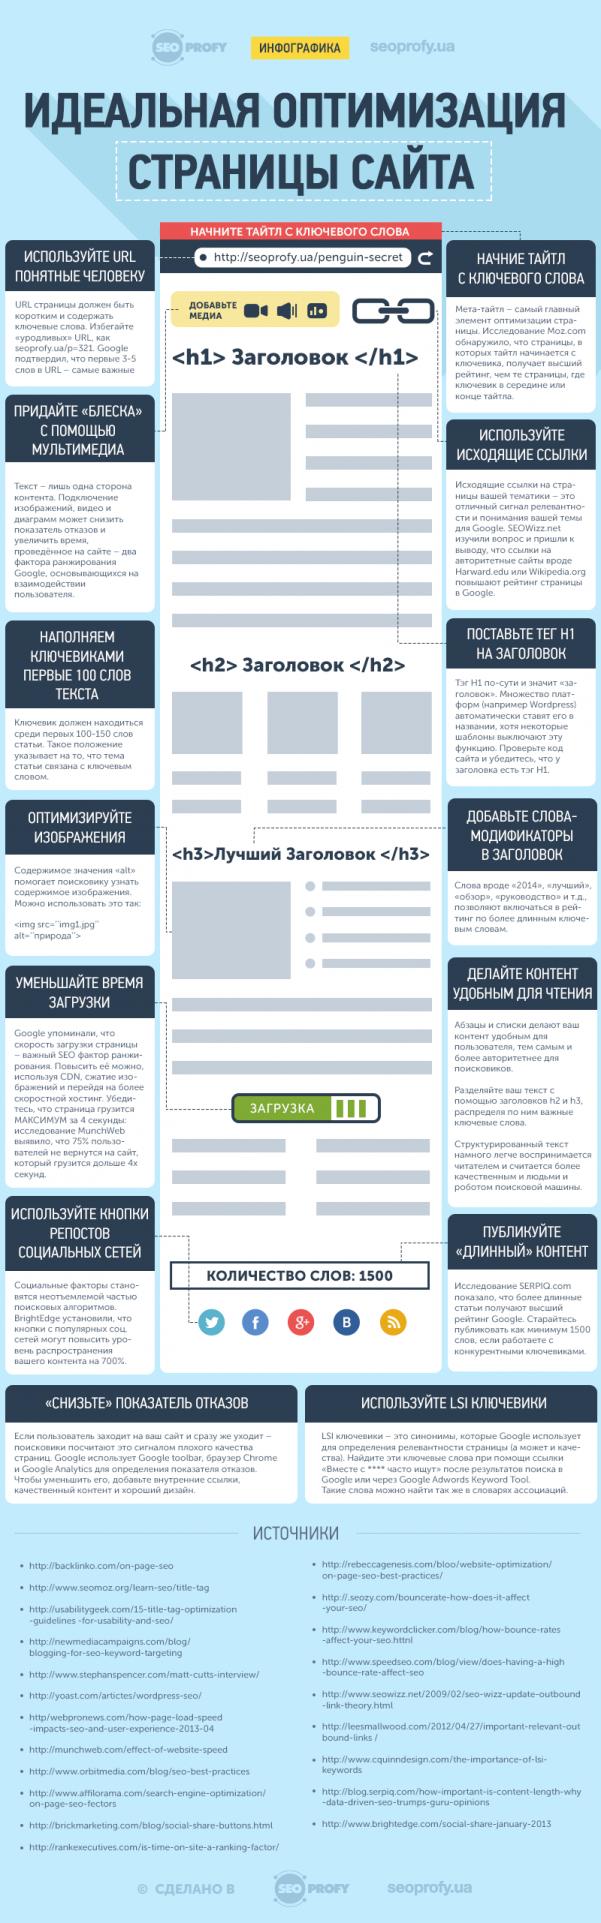 Идеальная оптимизация страницы сайта – Инфографика и 14 ключевых факторов